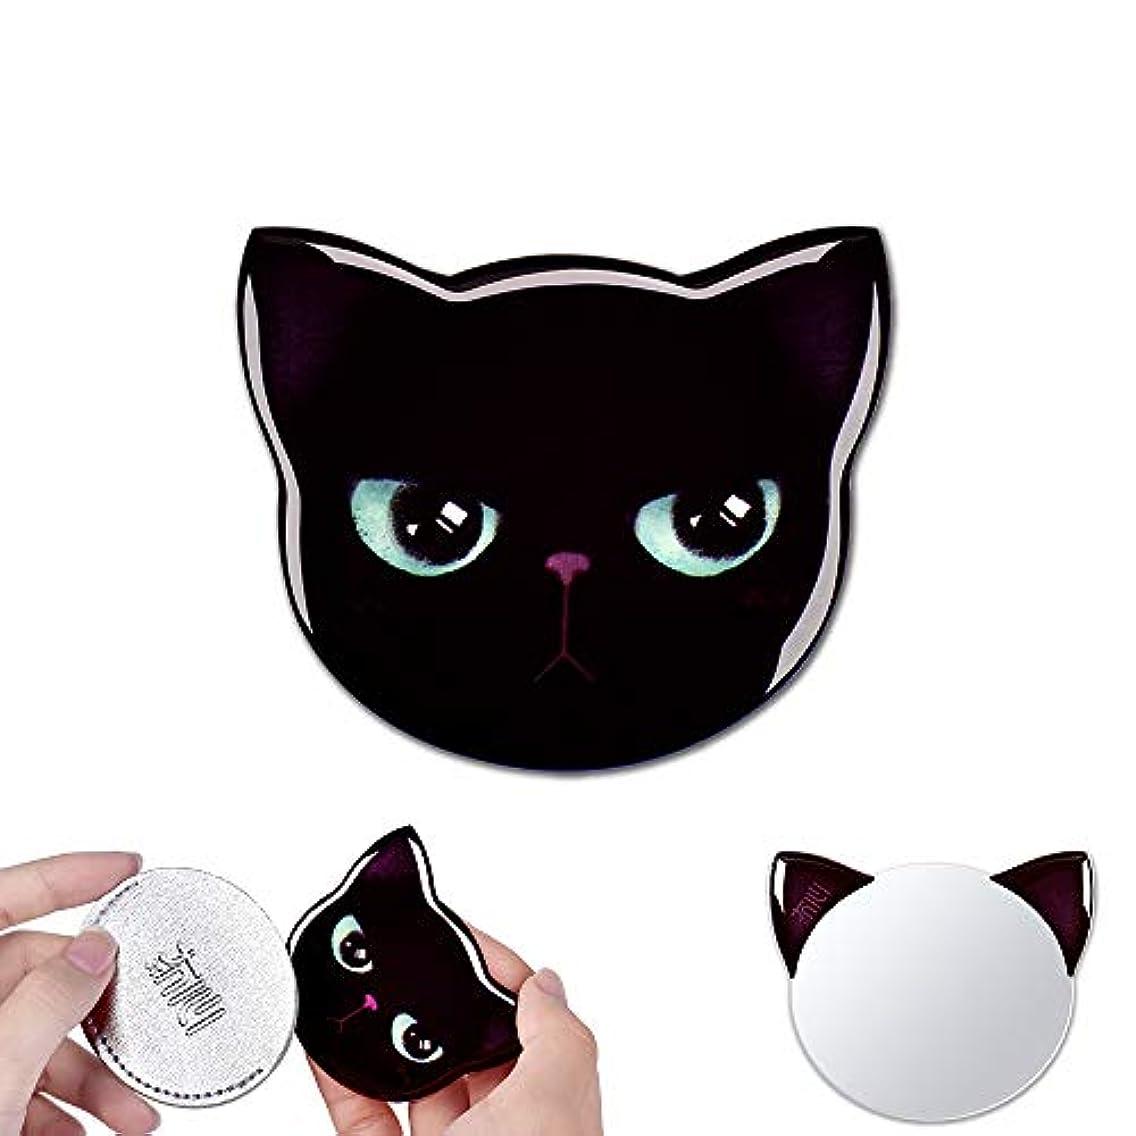 優勢対称たっぷり携帯ミラー コンパクトミラー かわいい 猫型 ポケットミラー 軽量 おしゃれ ハンドミラー 可愛い 手鏡 化粧鏡 ミニ 鏡 猫 ミラー 収納袋付き ギフト プレゼント レディース メンズ(5-黒助)